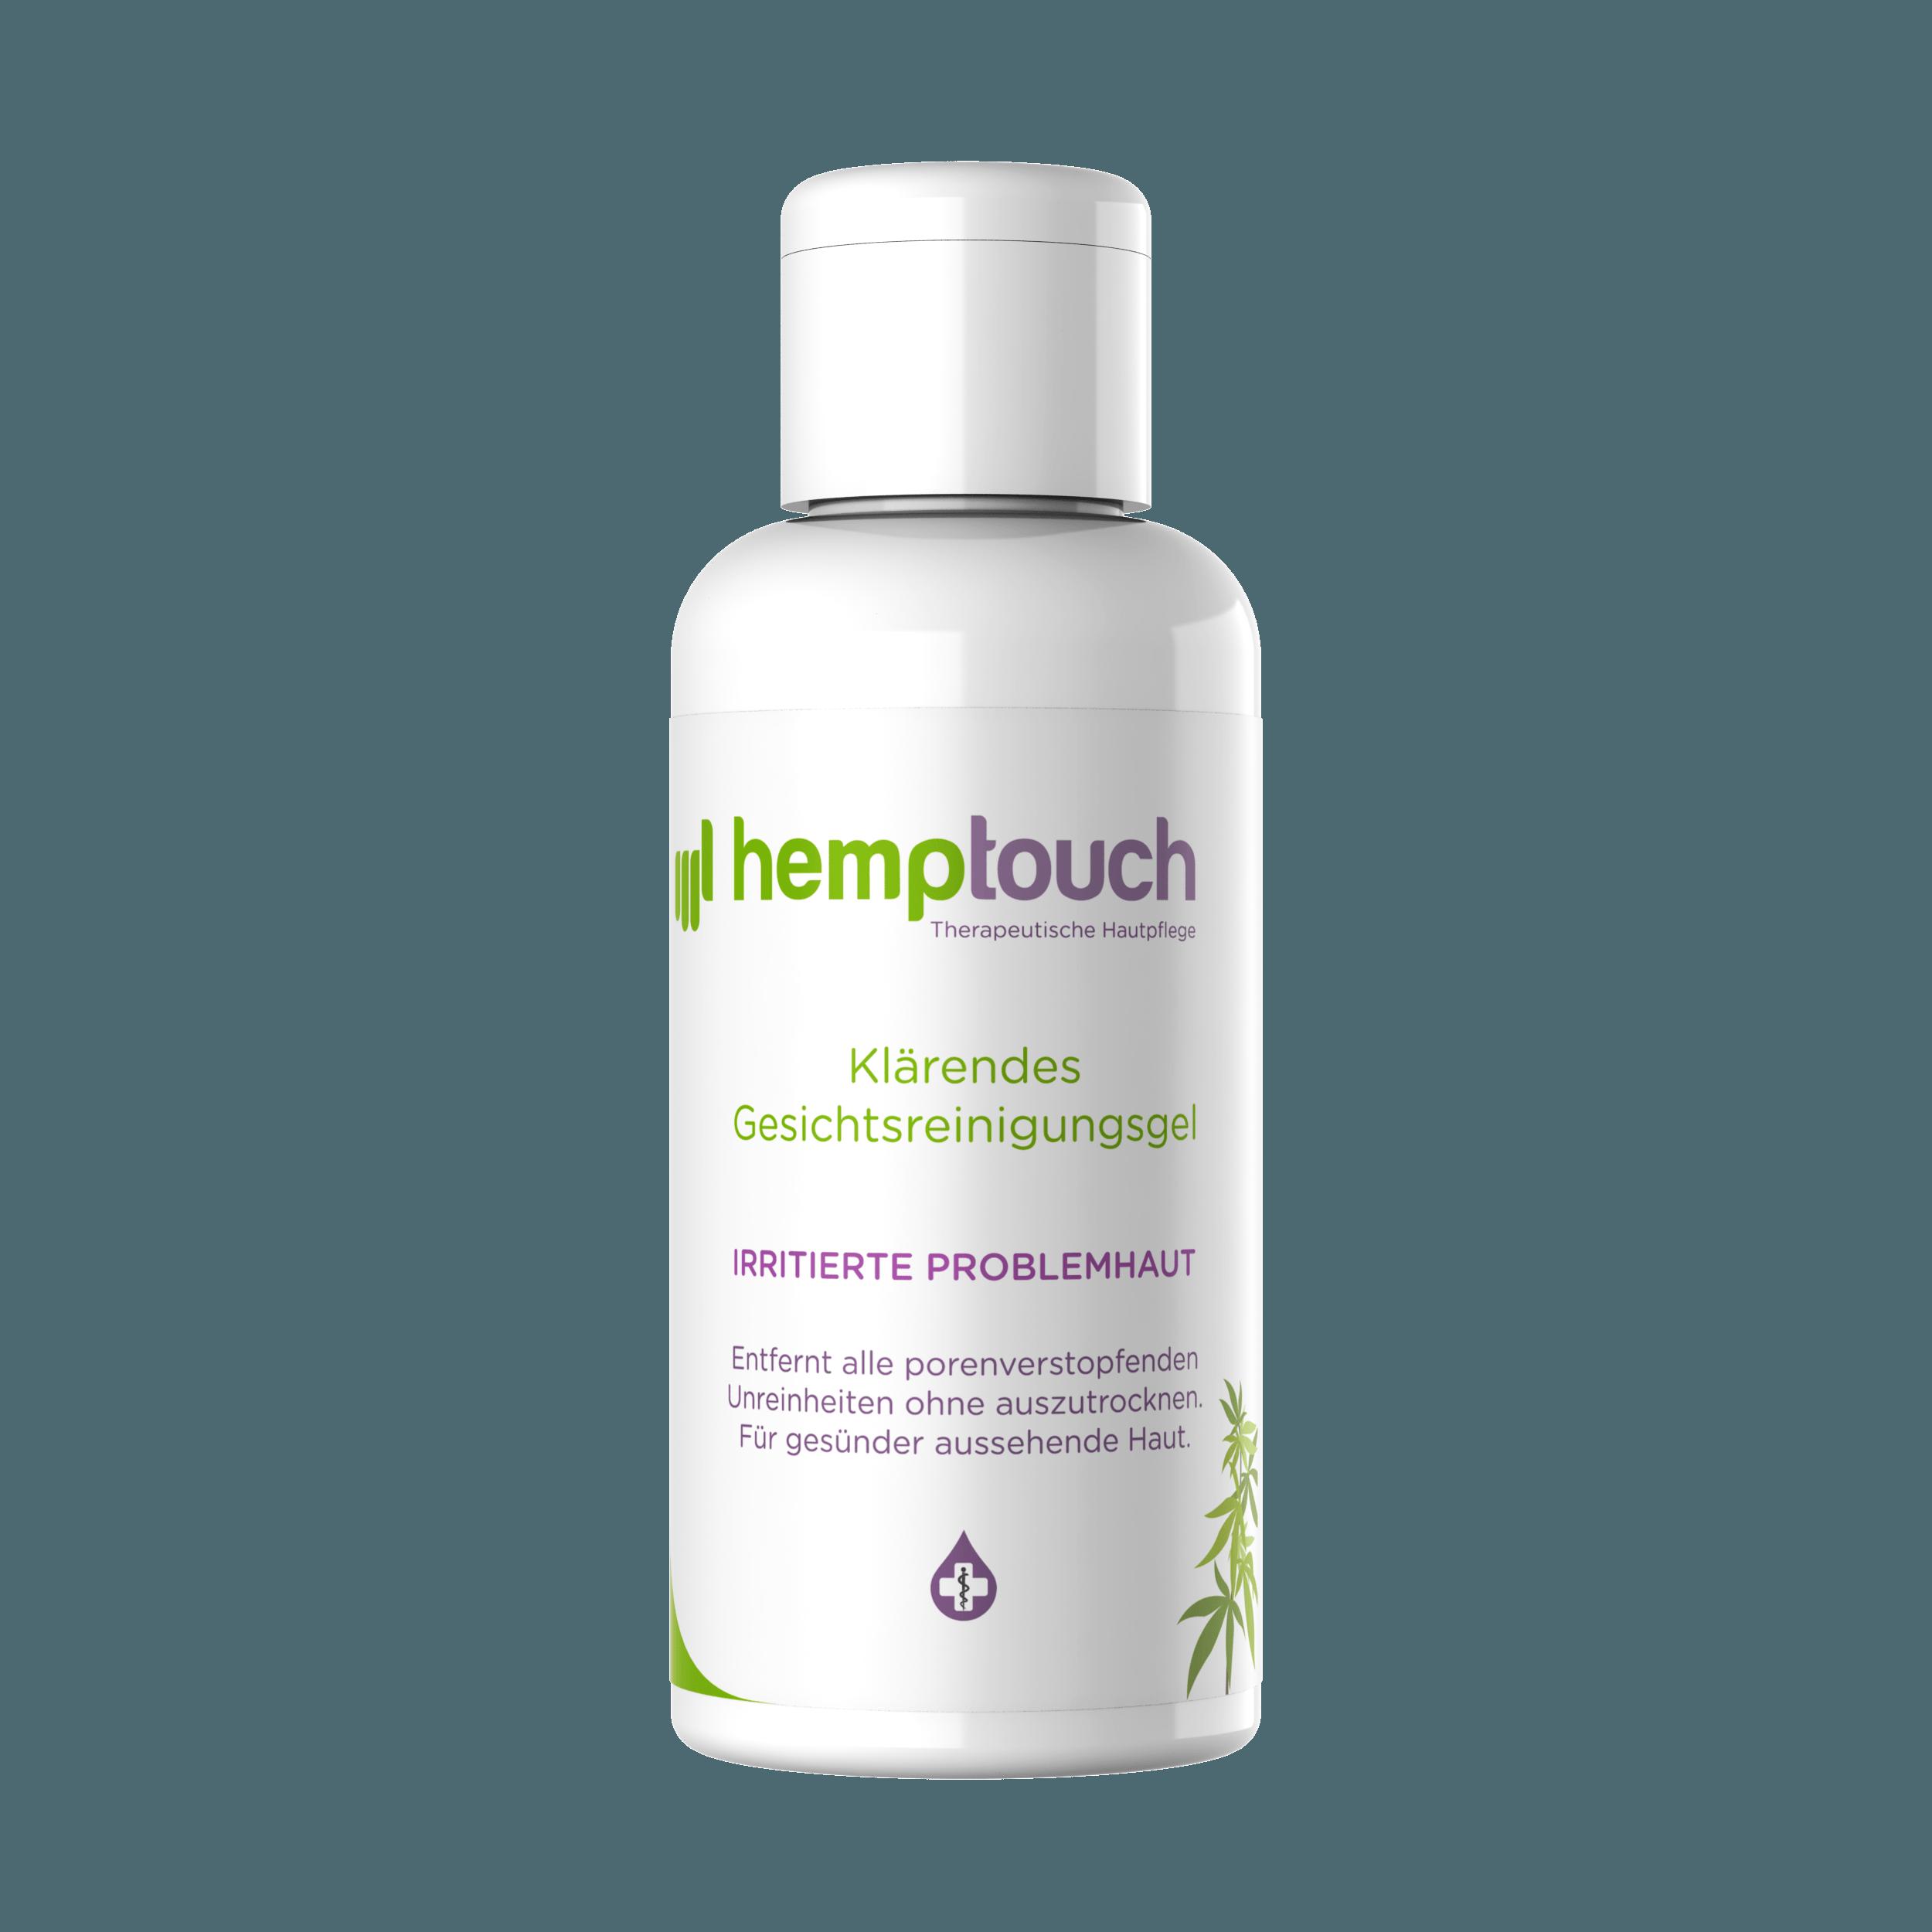 Hemptouch - Klärendes Gesichtsreinigungsgel | 100 ml im Preisvergleich